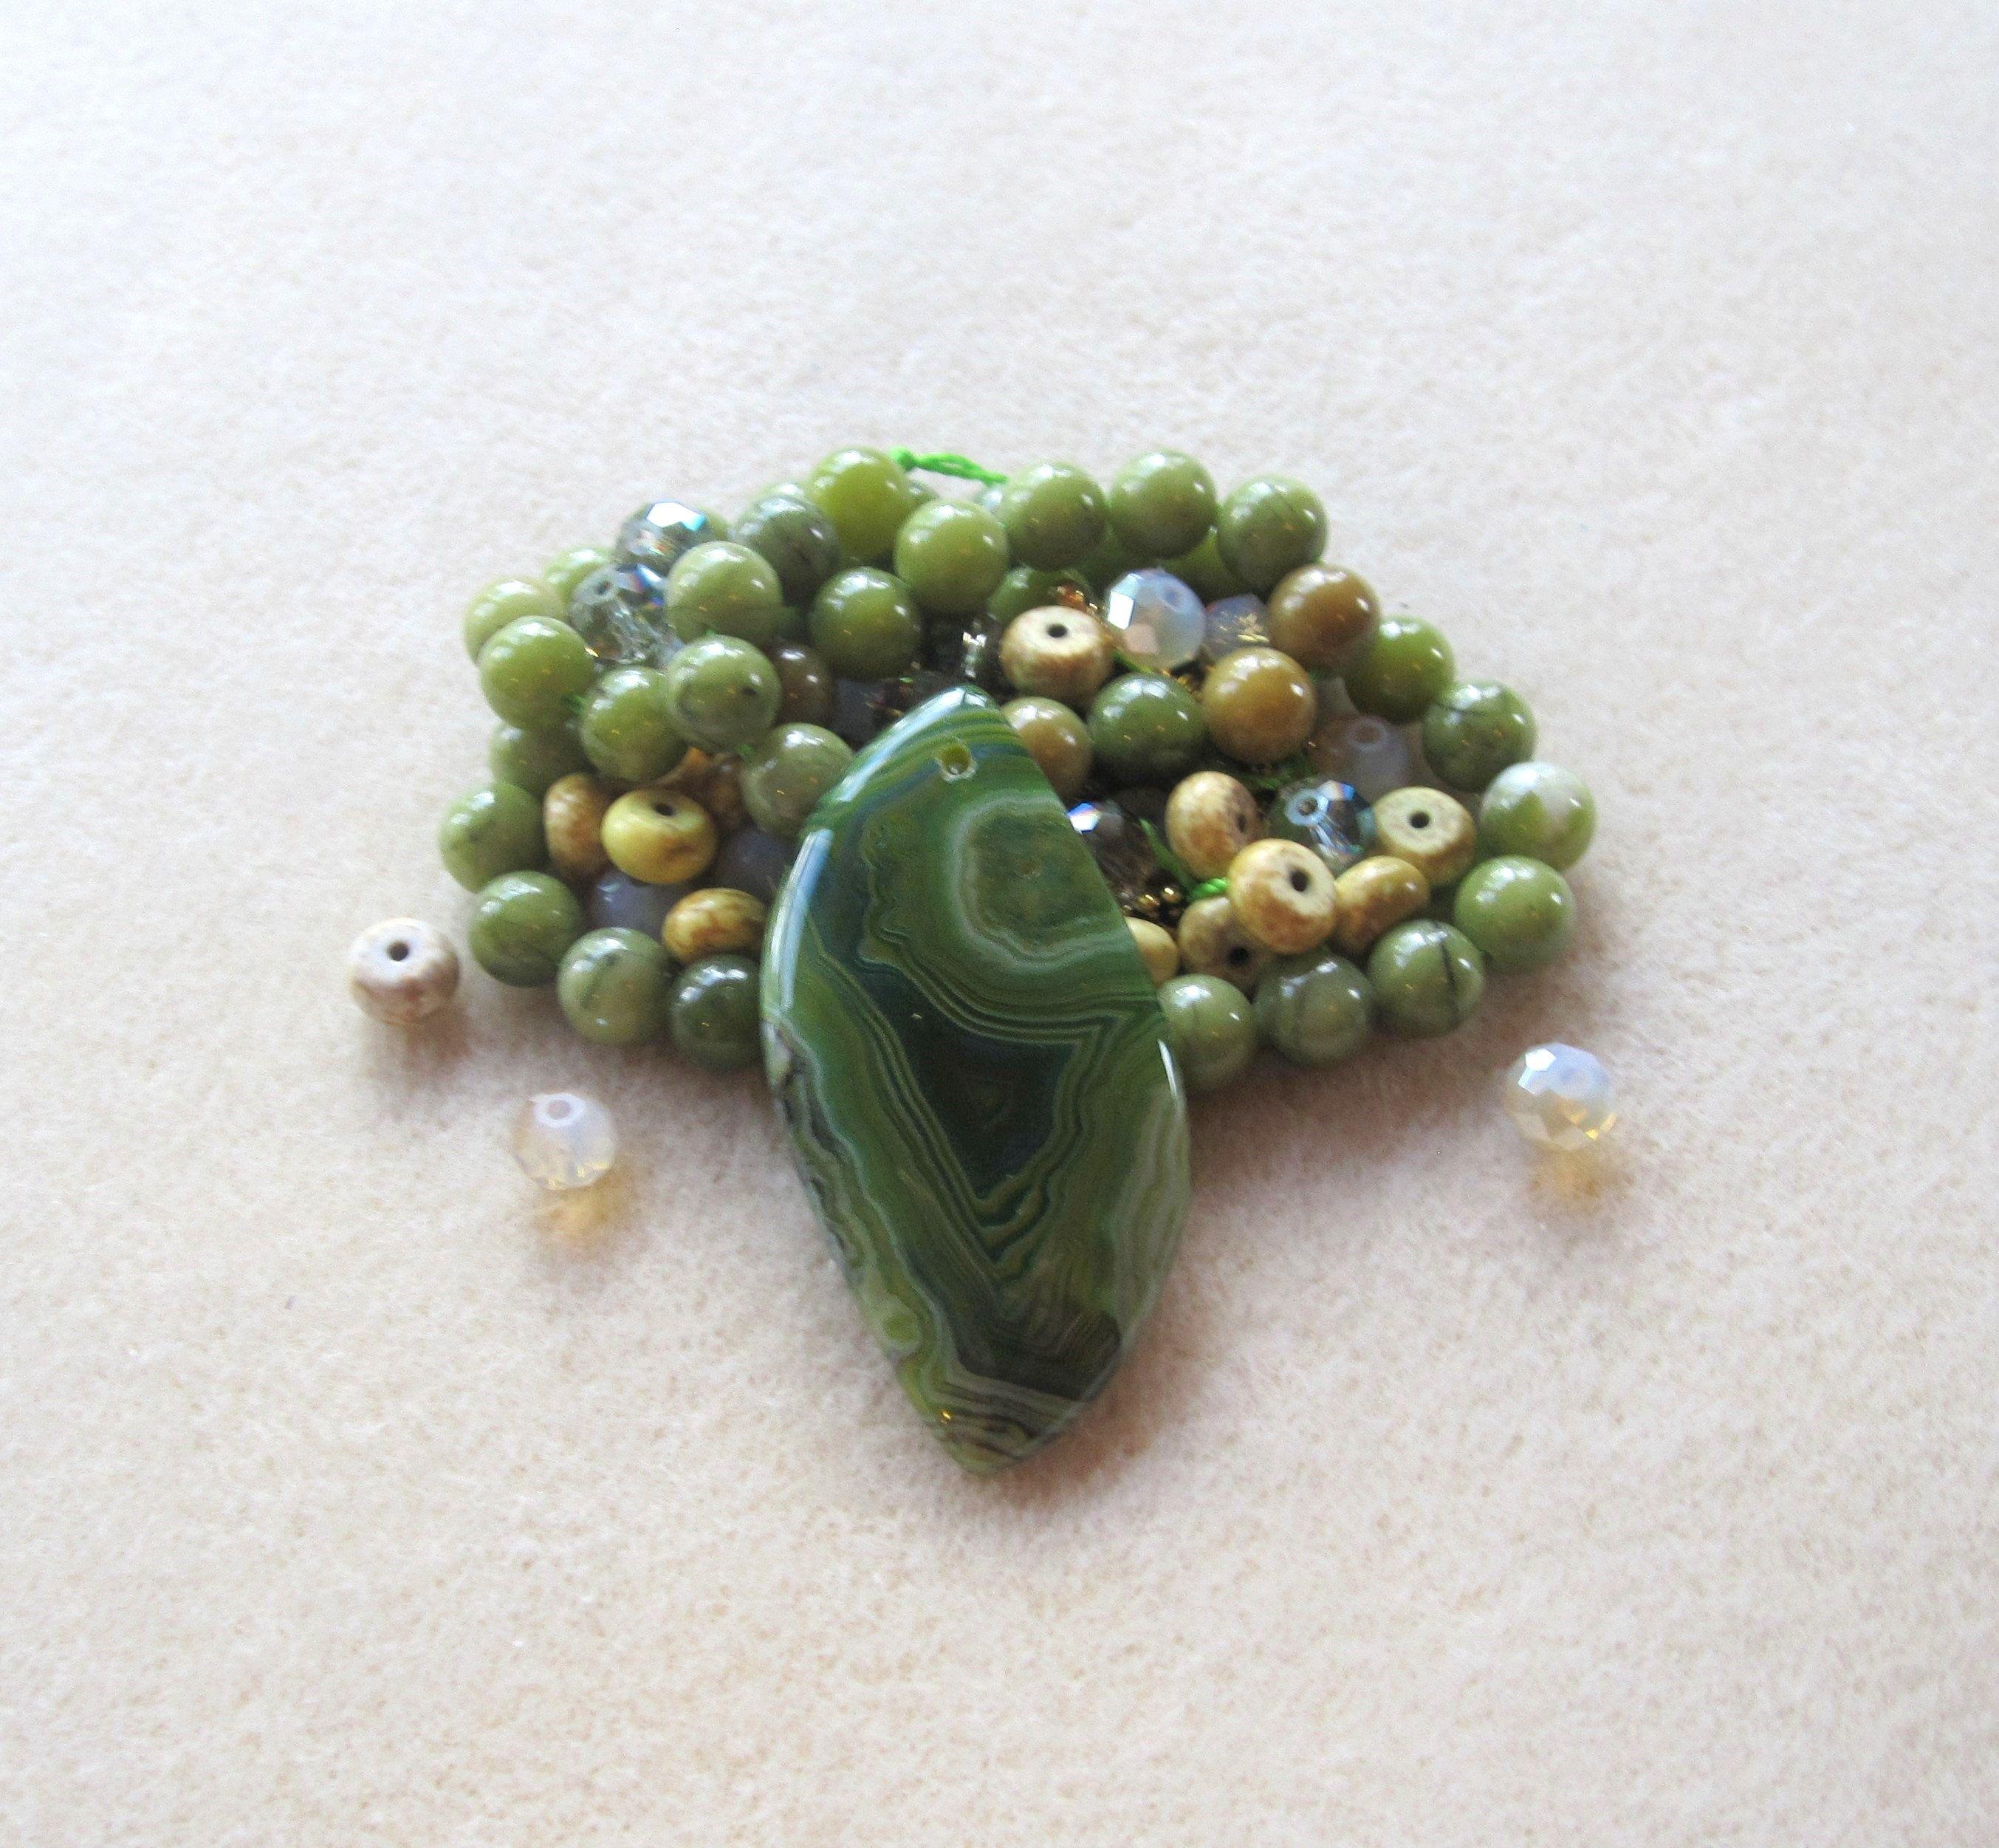 Pcs Gemstones Jewellery Making Crafts Serpentine Round Beads 8mm Dark Green 40